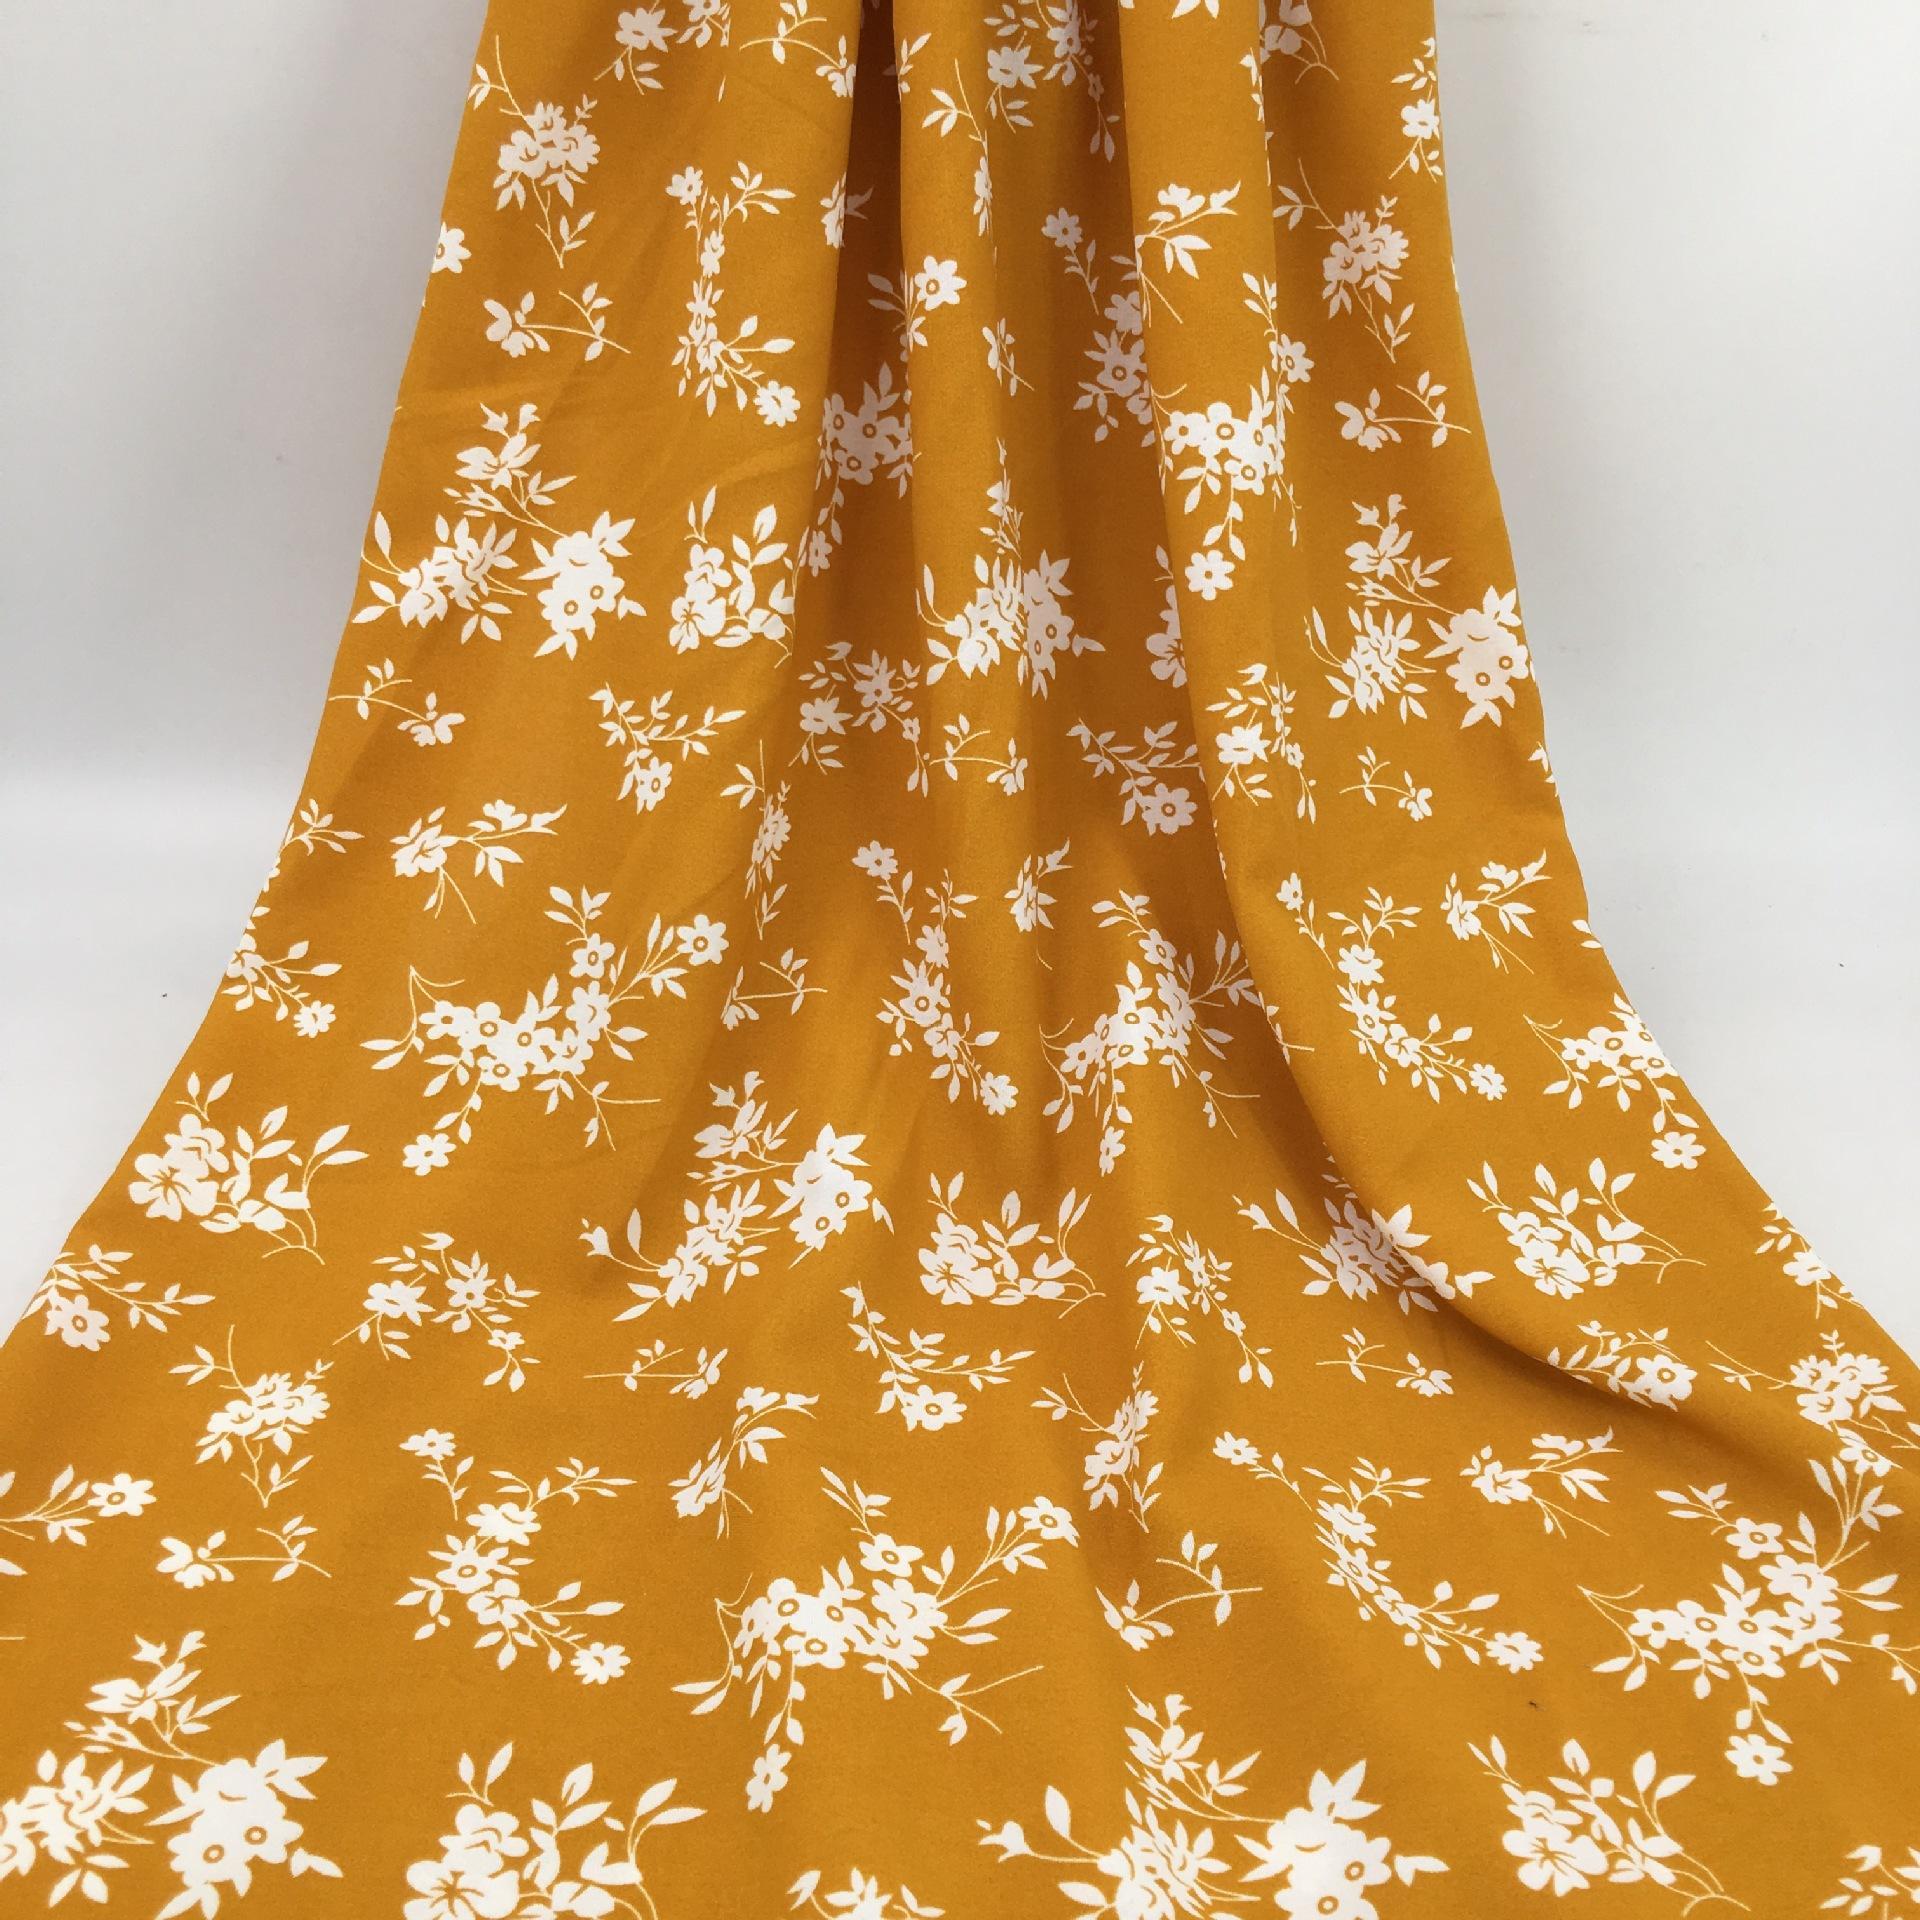 150 centímetros * 100 centímetros Hot Selling Recomendado New Viscose Fibra Grosso padrão de impressão Única Camada Mulheres Impermeável de Tecido